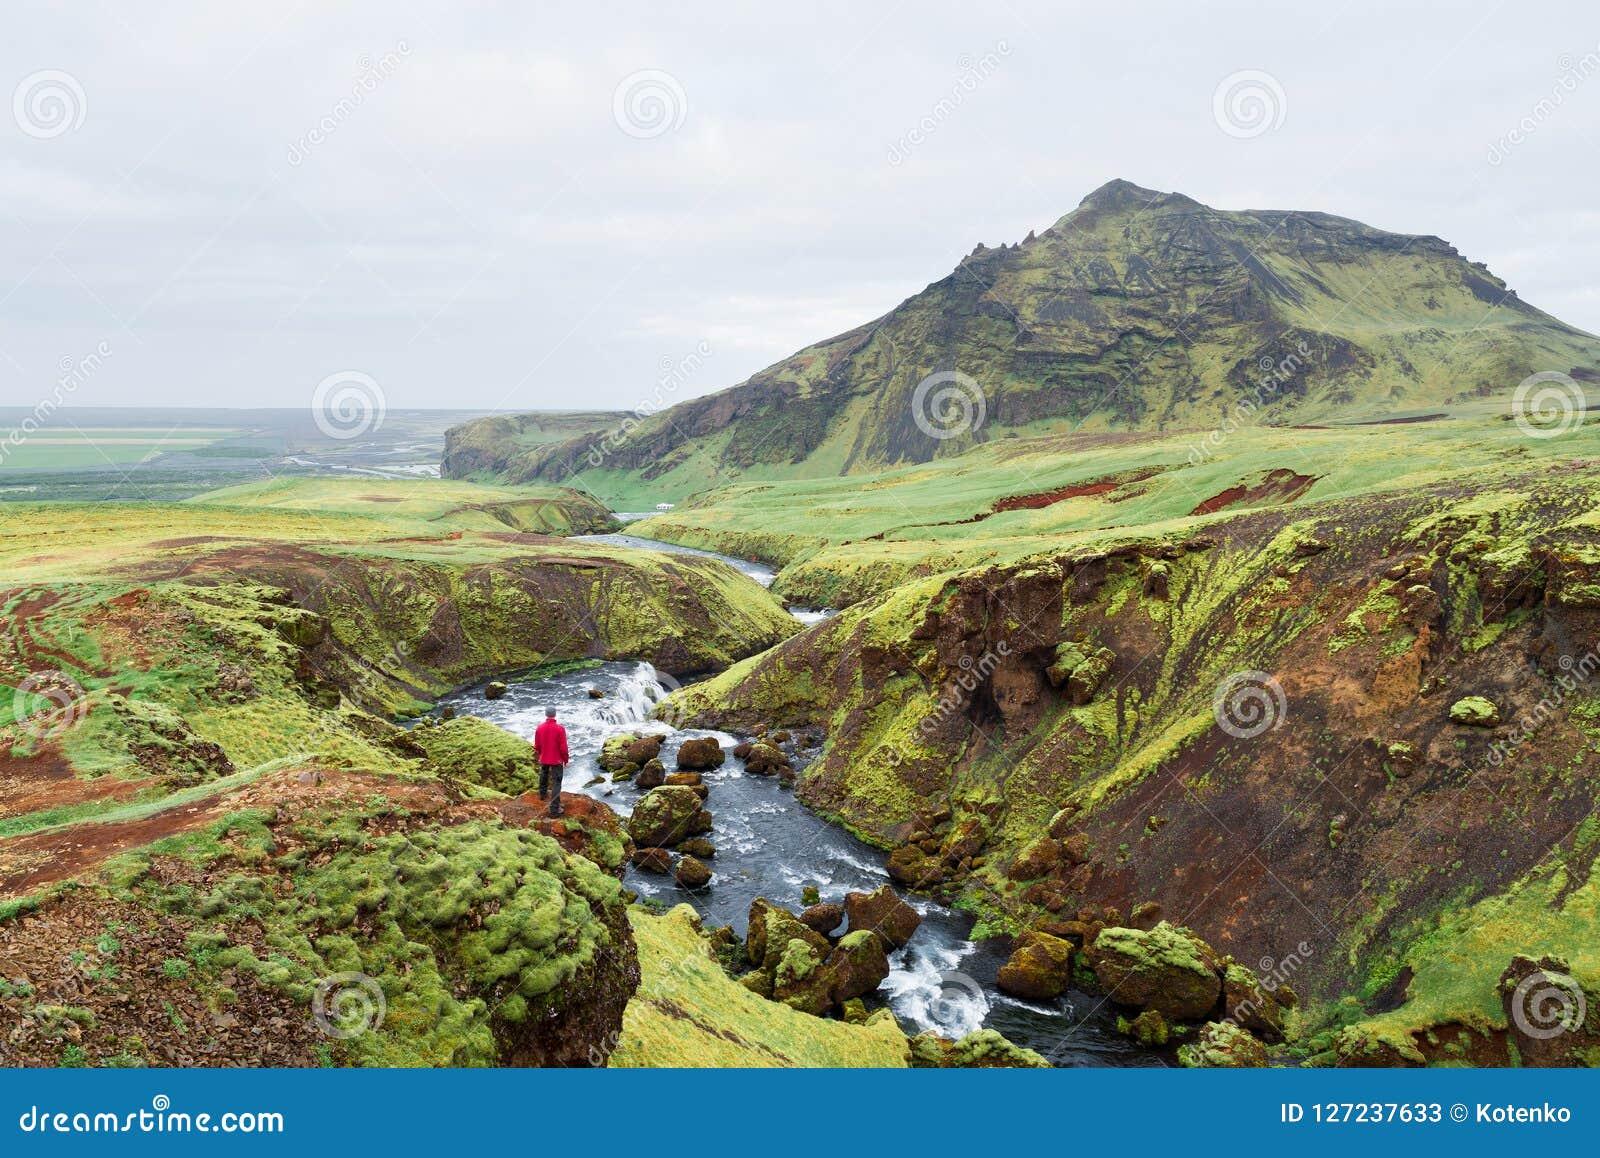 Turist på en vandring i Island nära den Skoga floden